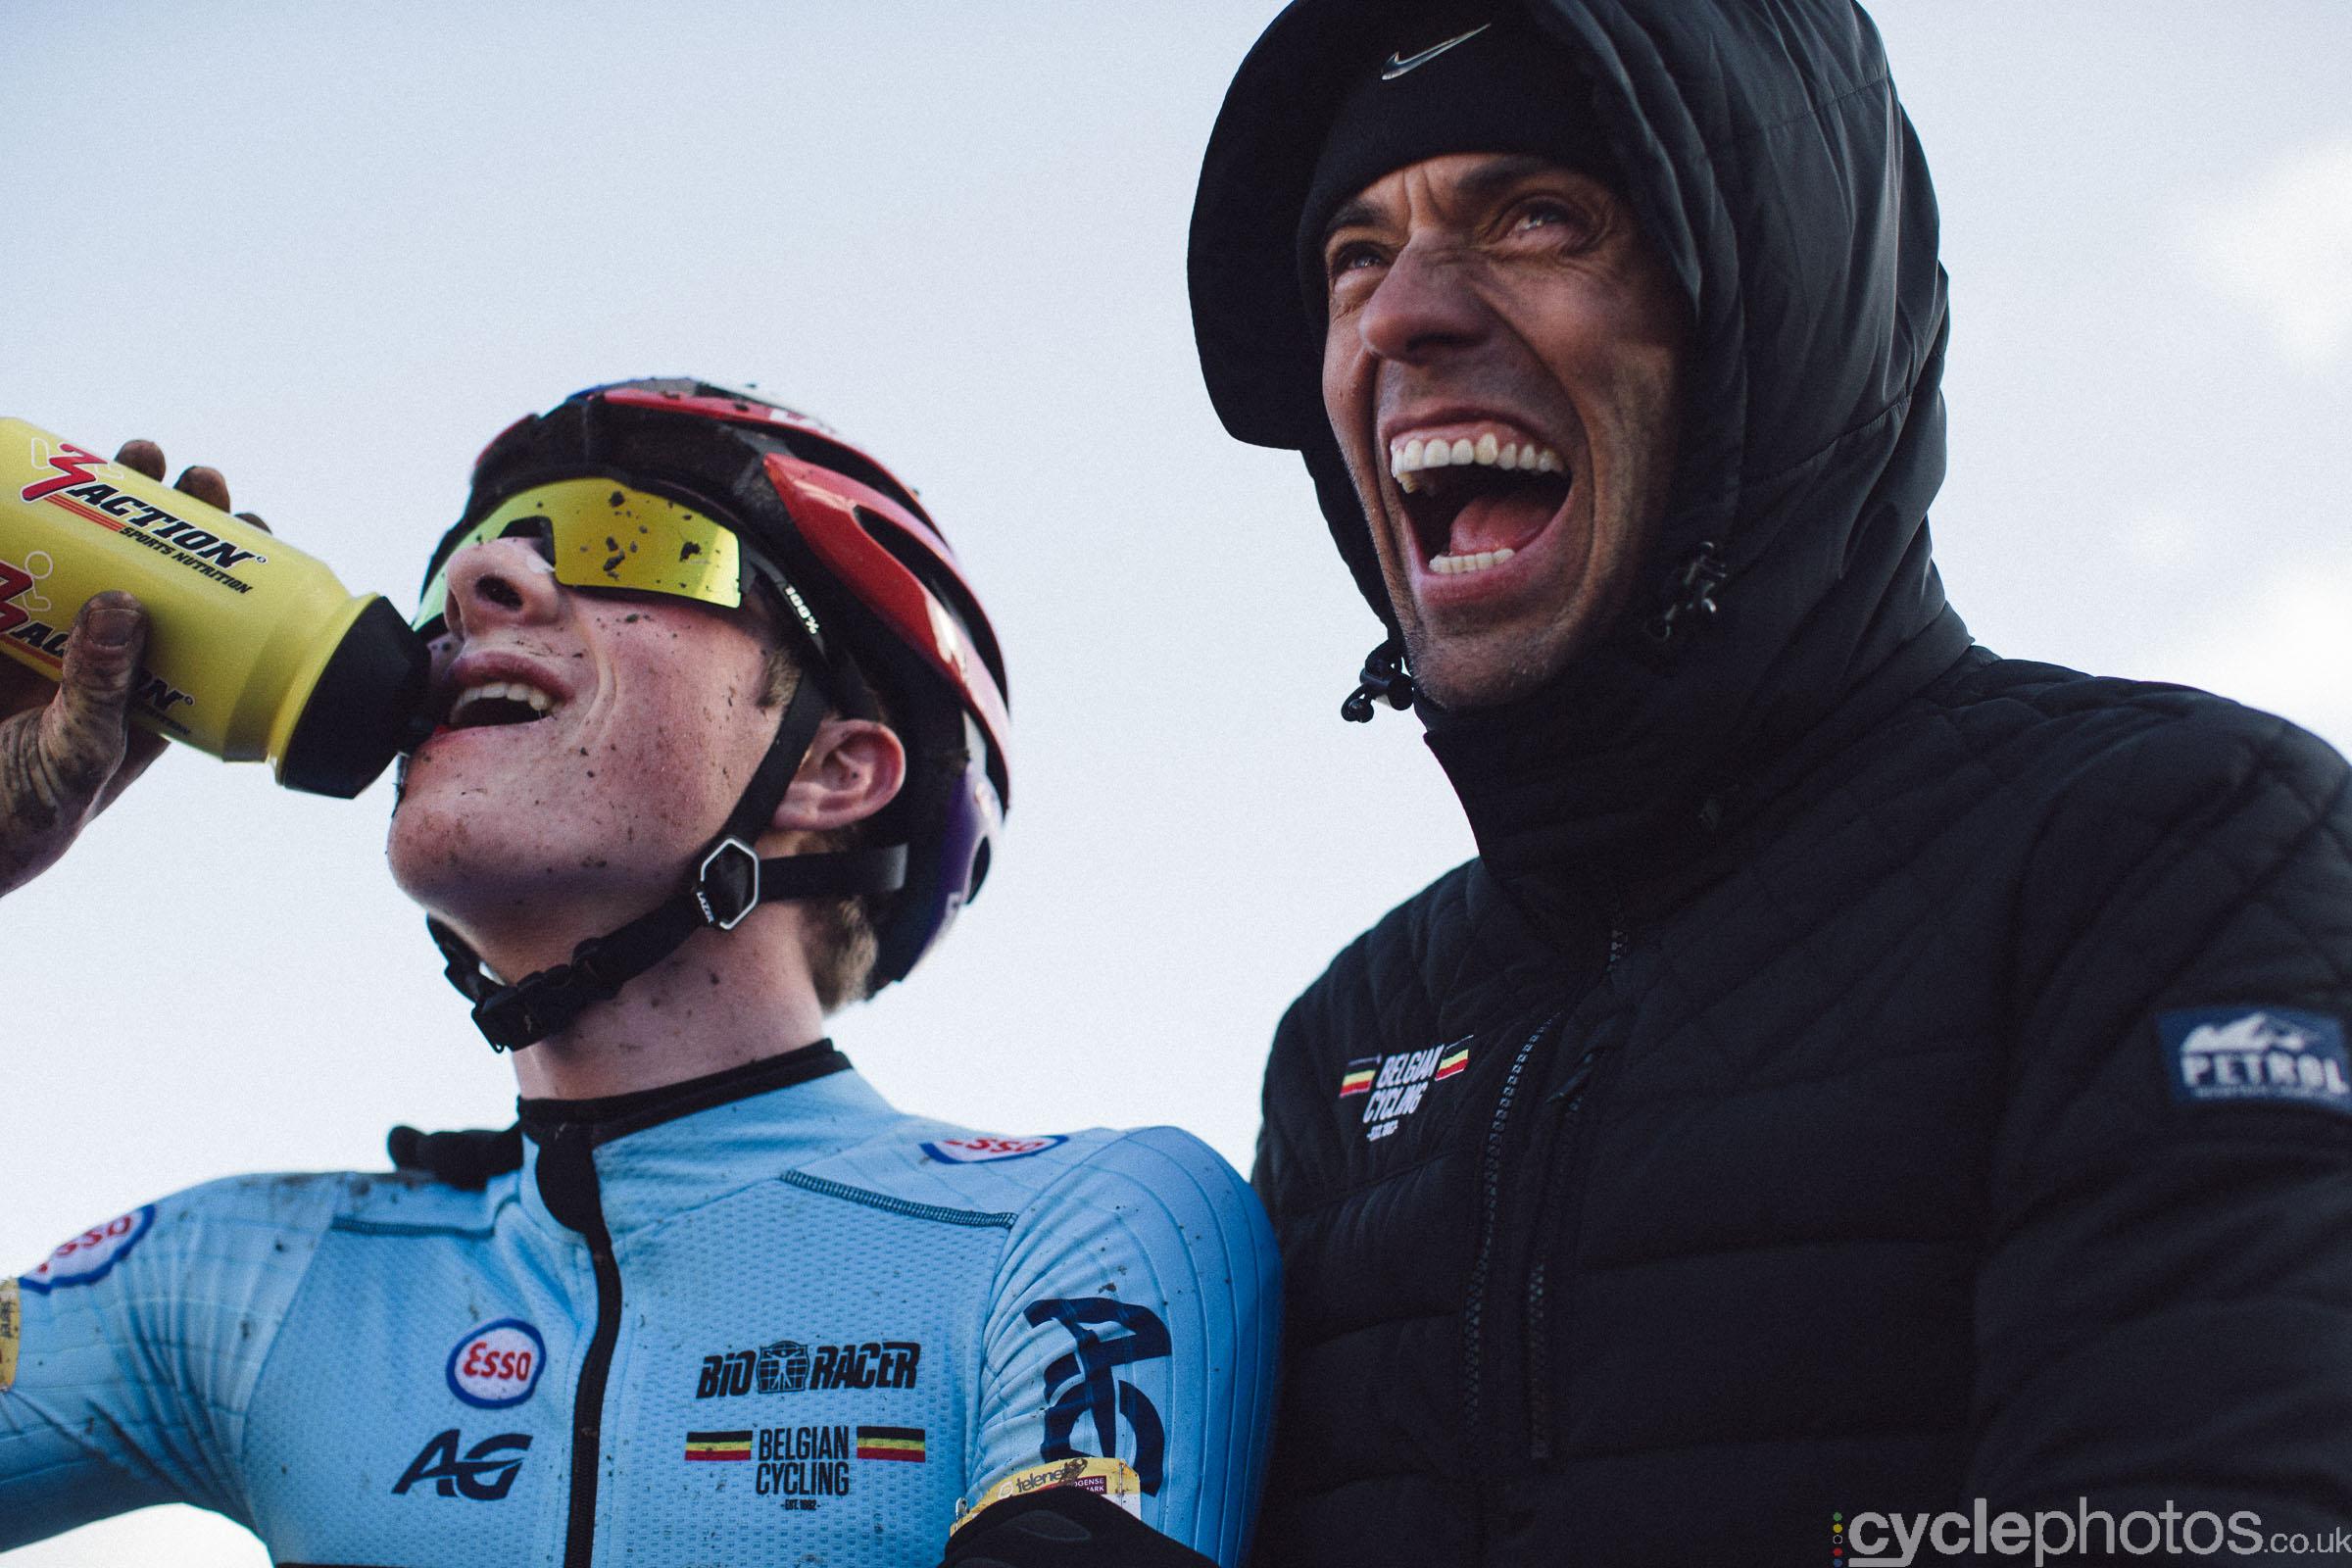 Toon Vandebosch and Sven Vanthourenhout at UCI Cyclocross World Cup #4 - Bogense, DEN